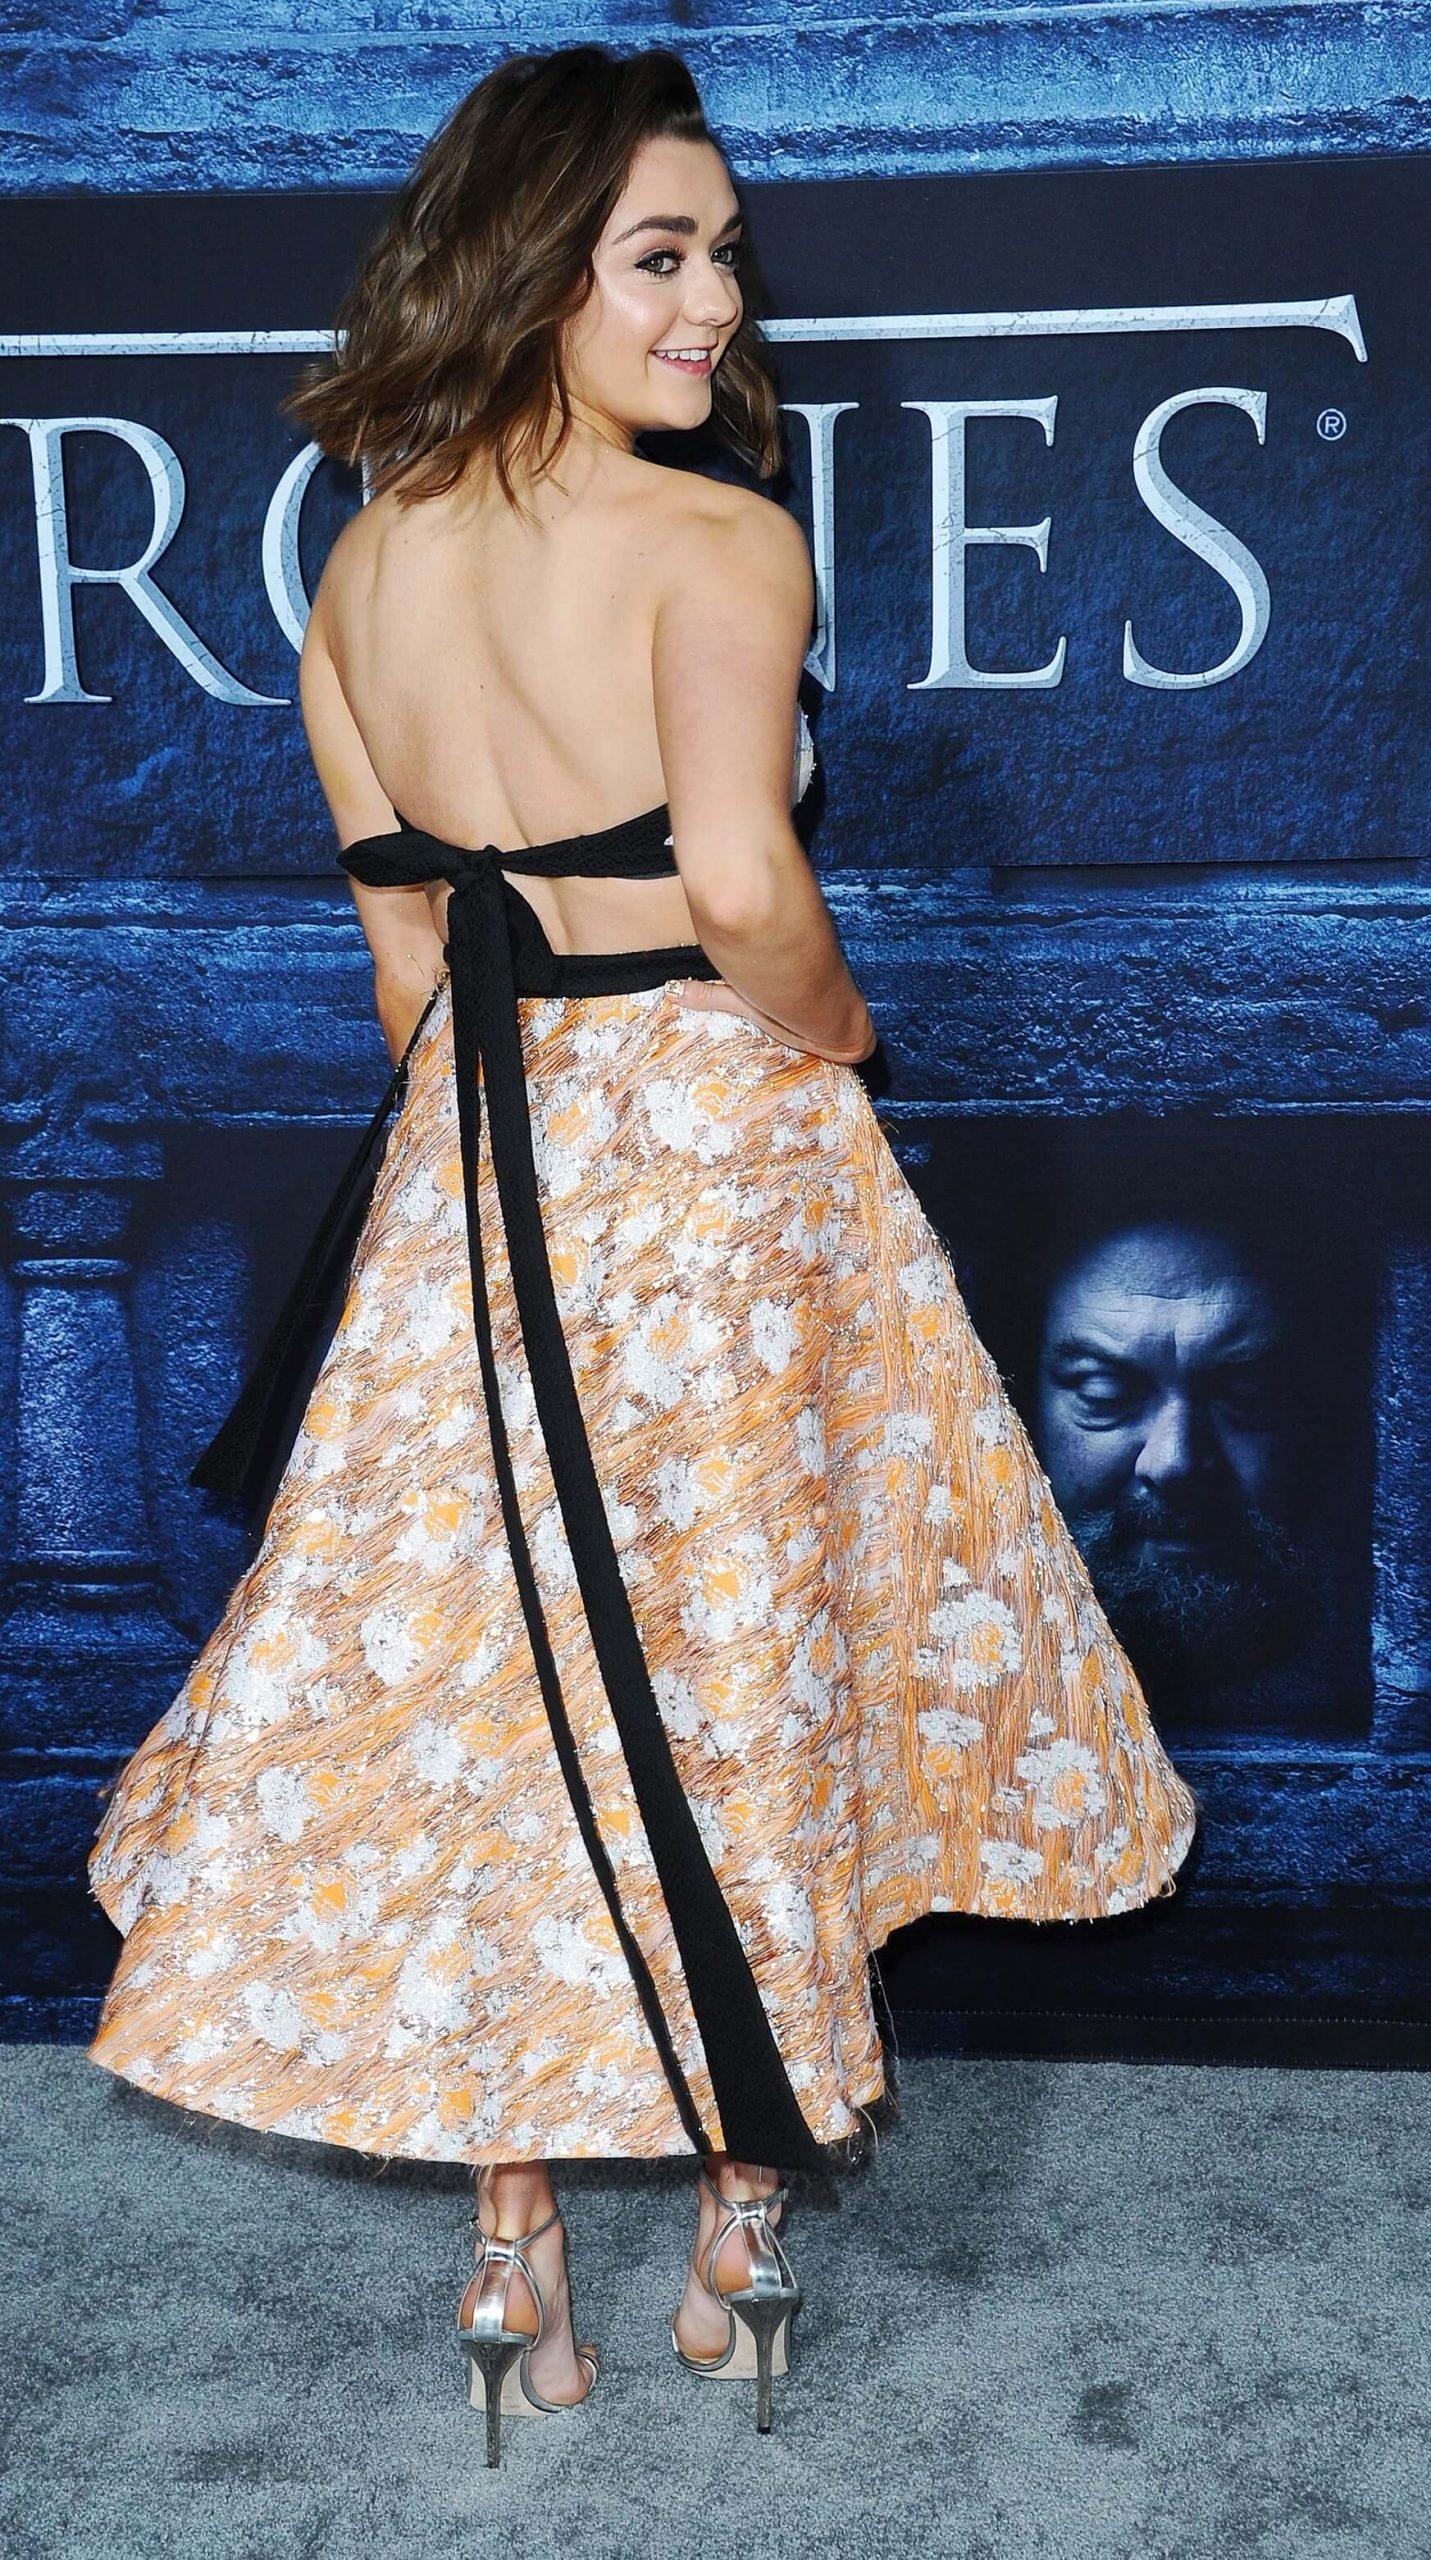 Maisie Williams butt (2)